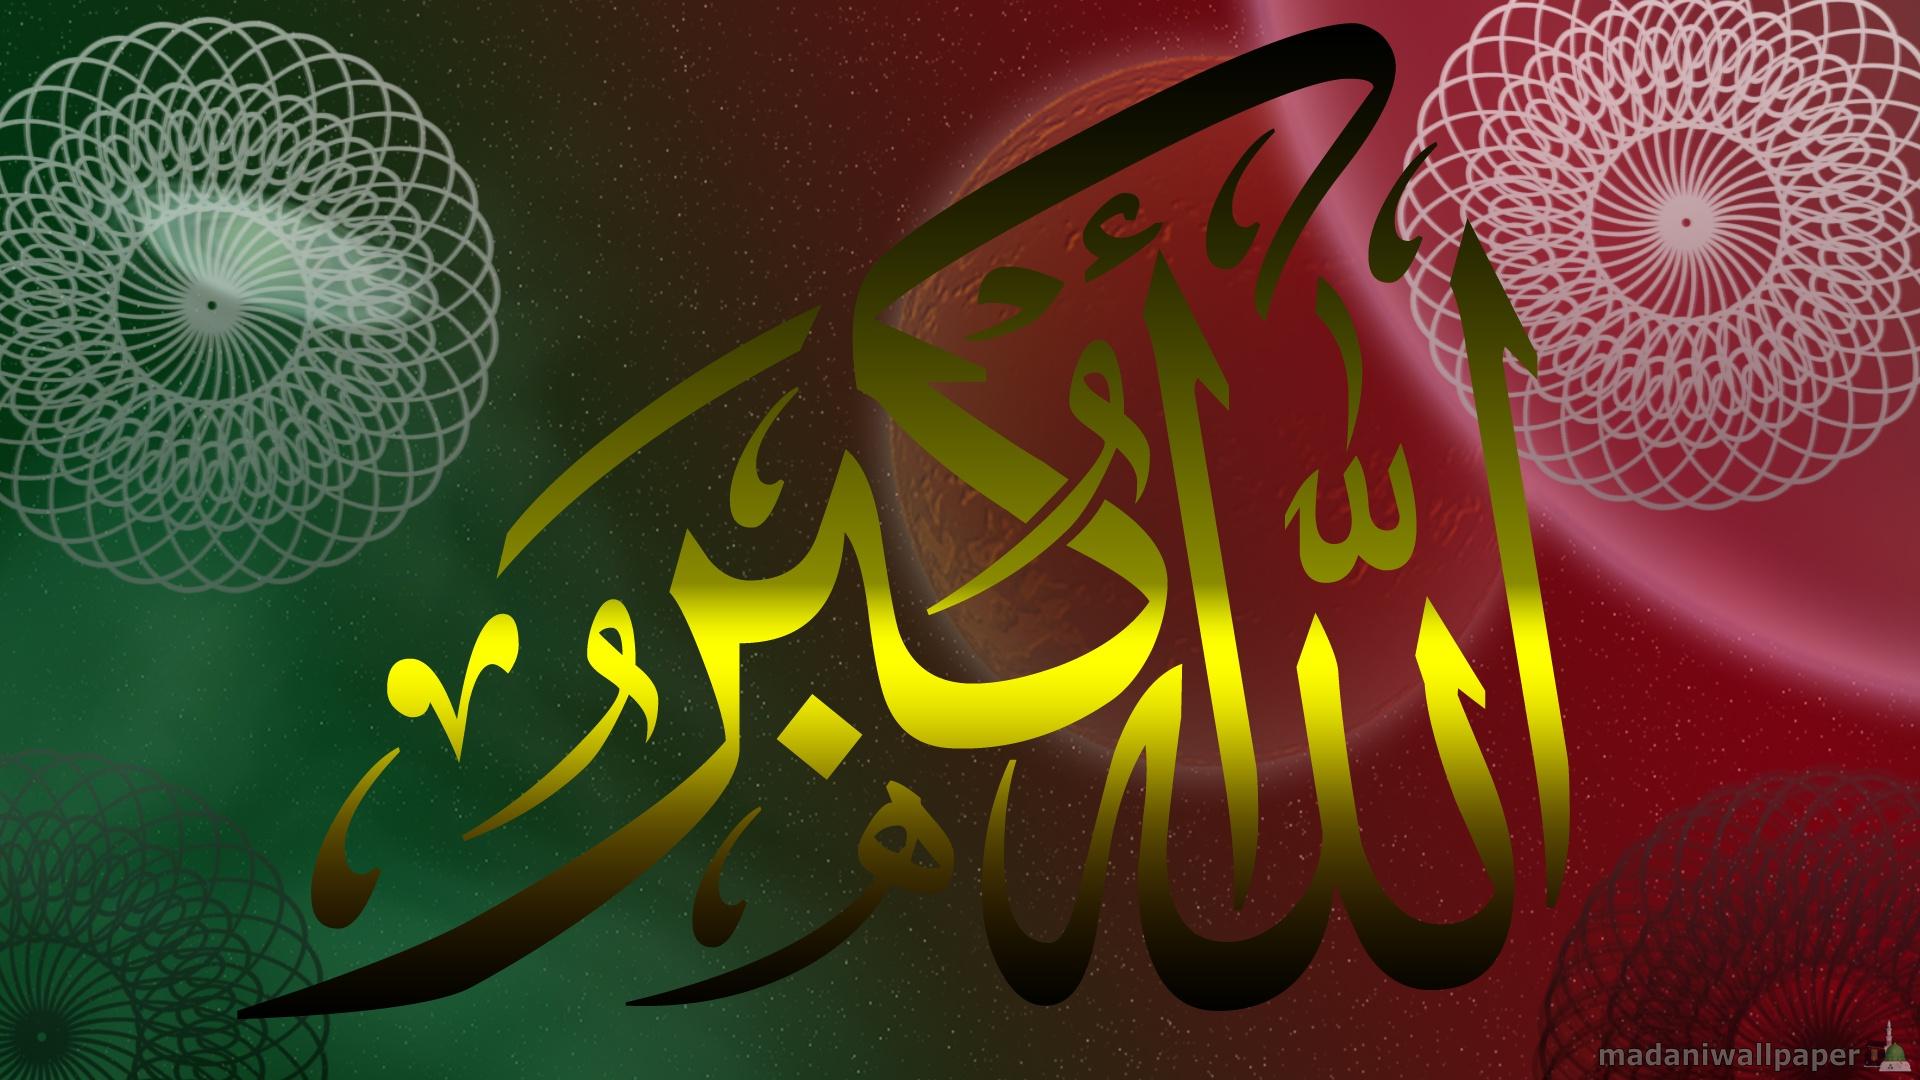 Image Gallery Of Subhanallah Alhamdulillah Allahu Akbar Wallpaper